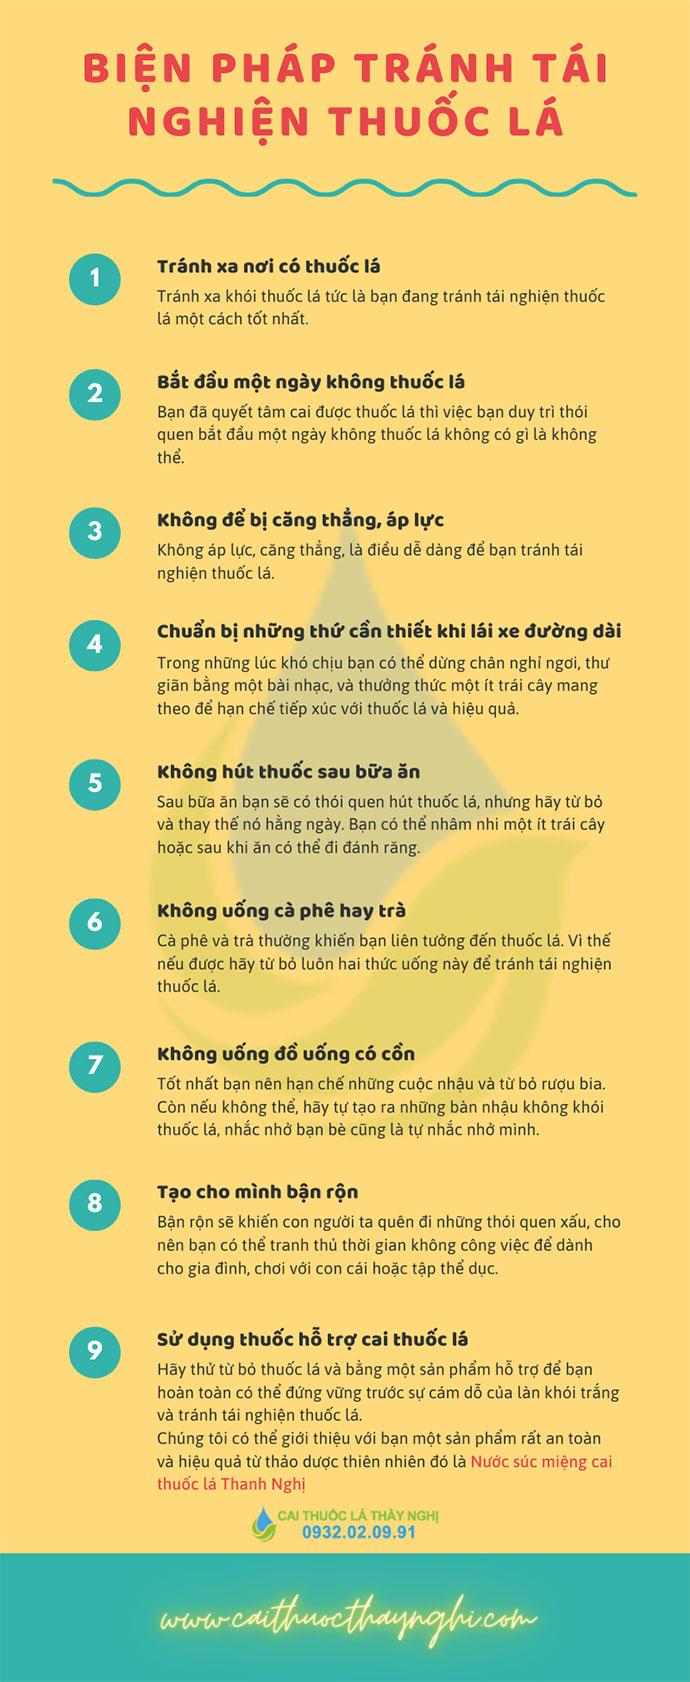 biện pháp tránh tài nghiện thuốc lá